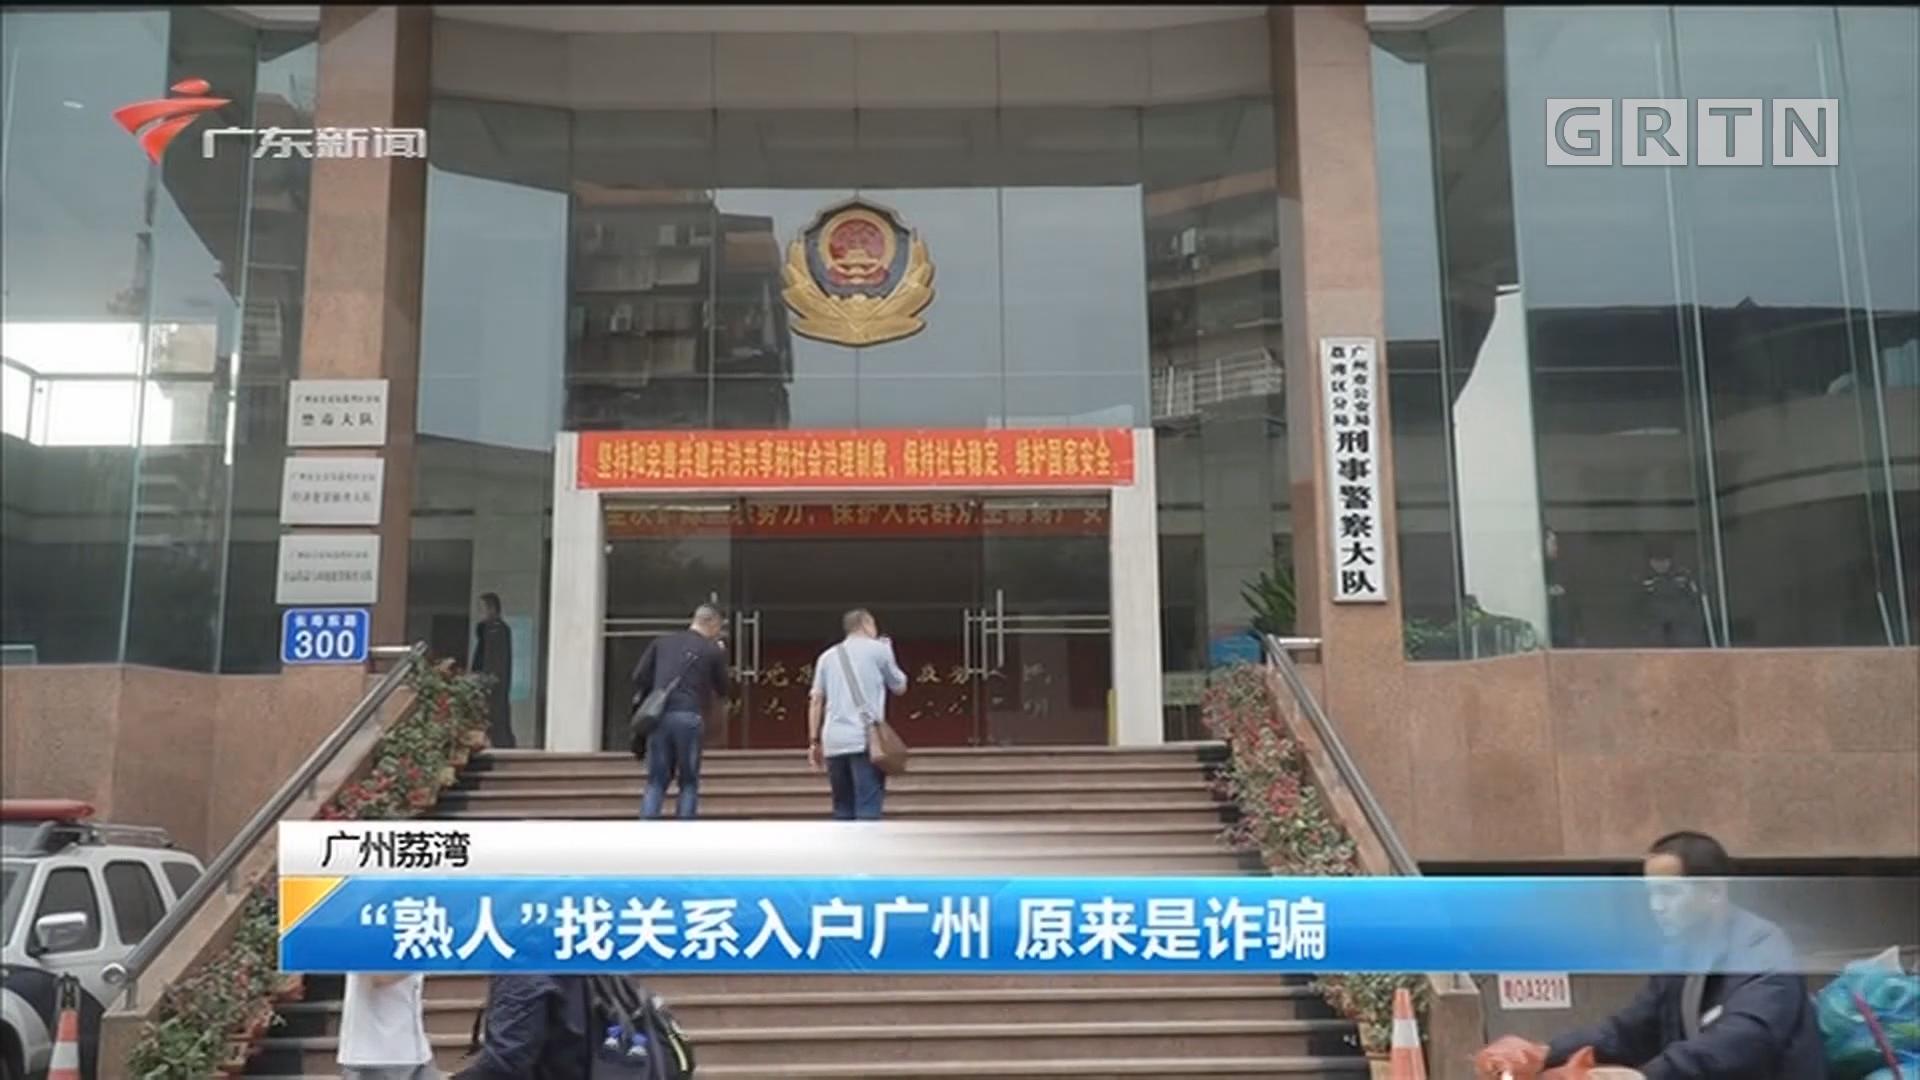 """广州荔湾:""""熟人""""找关系入户广州 原来是诈骗"""